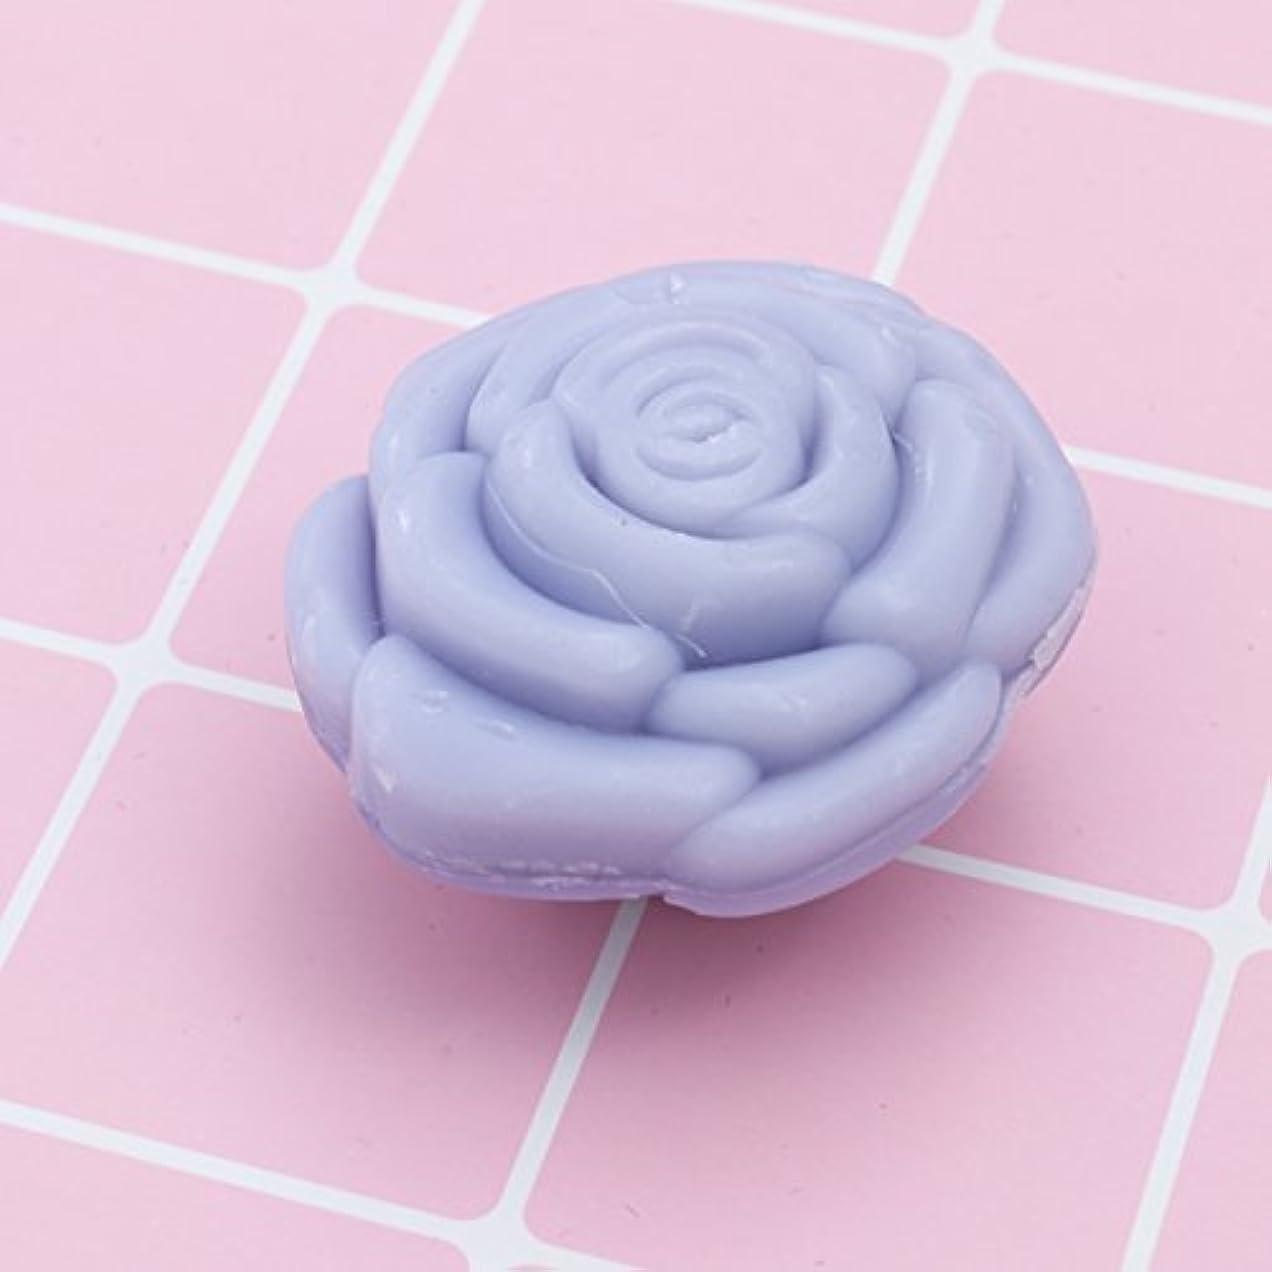 農学出口ストライプAmosfun 手作り石鹸オイルローズフラワーソープアロマエッセンシャルオイルギフト記念日誕生日結婚式バレンタインデー(紫)20ピース